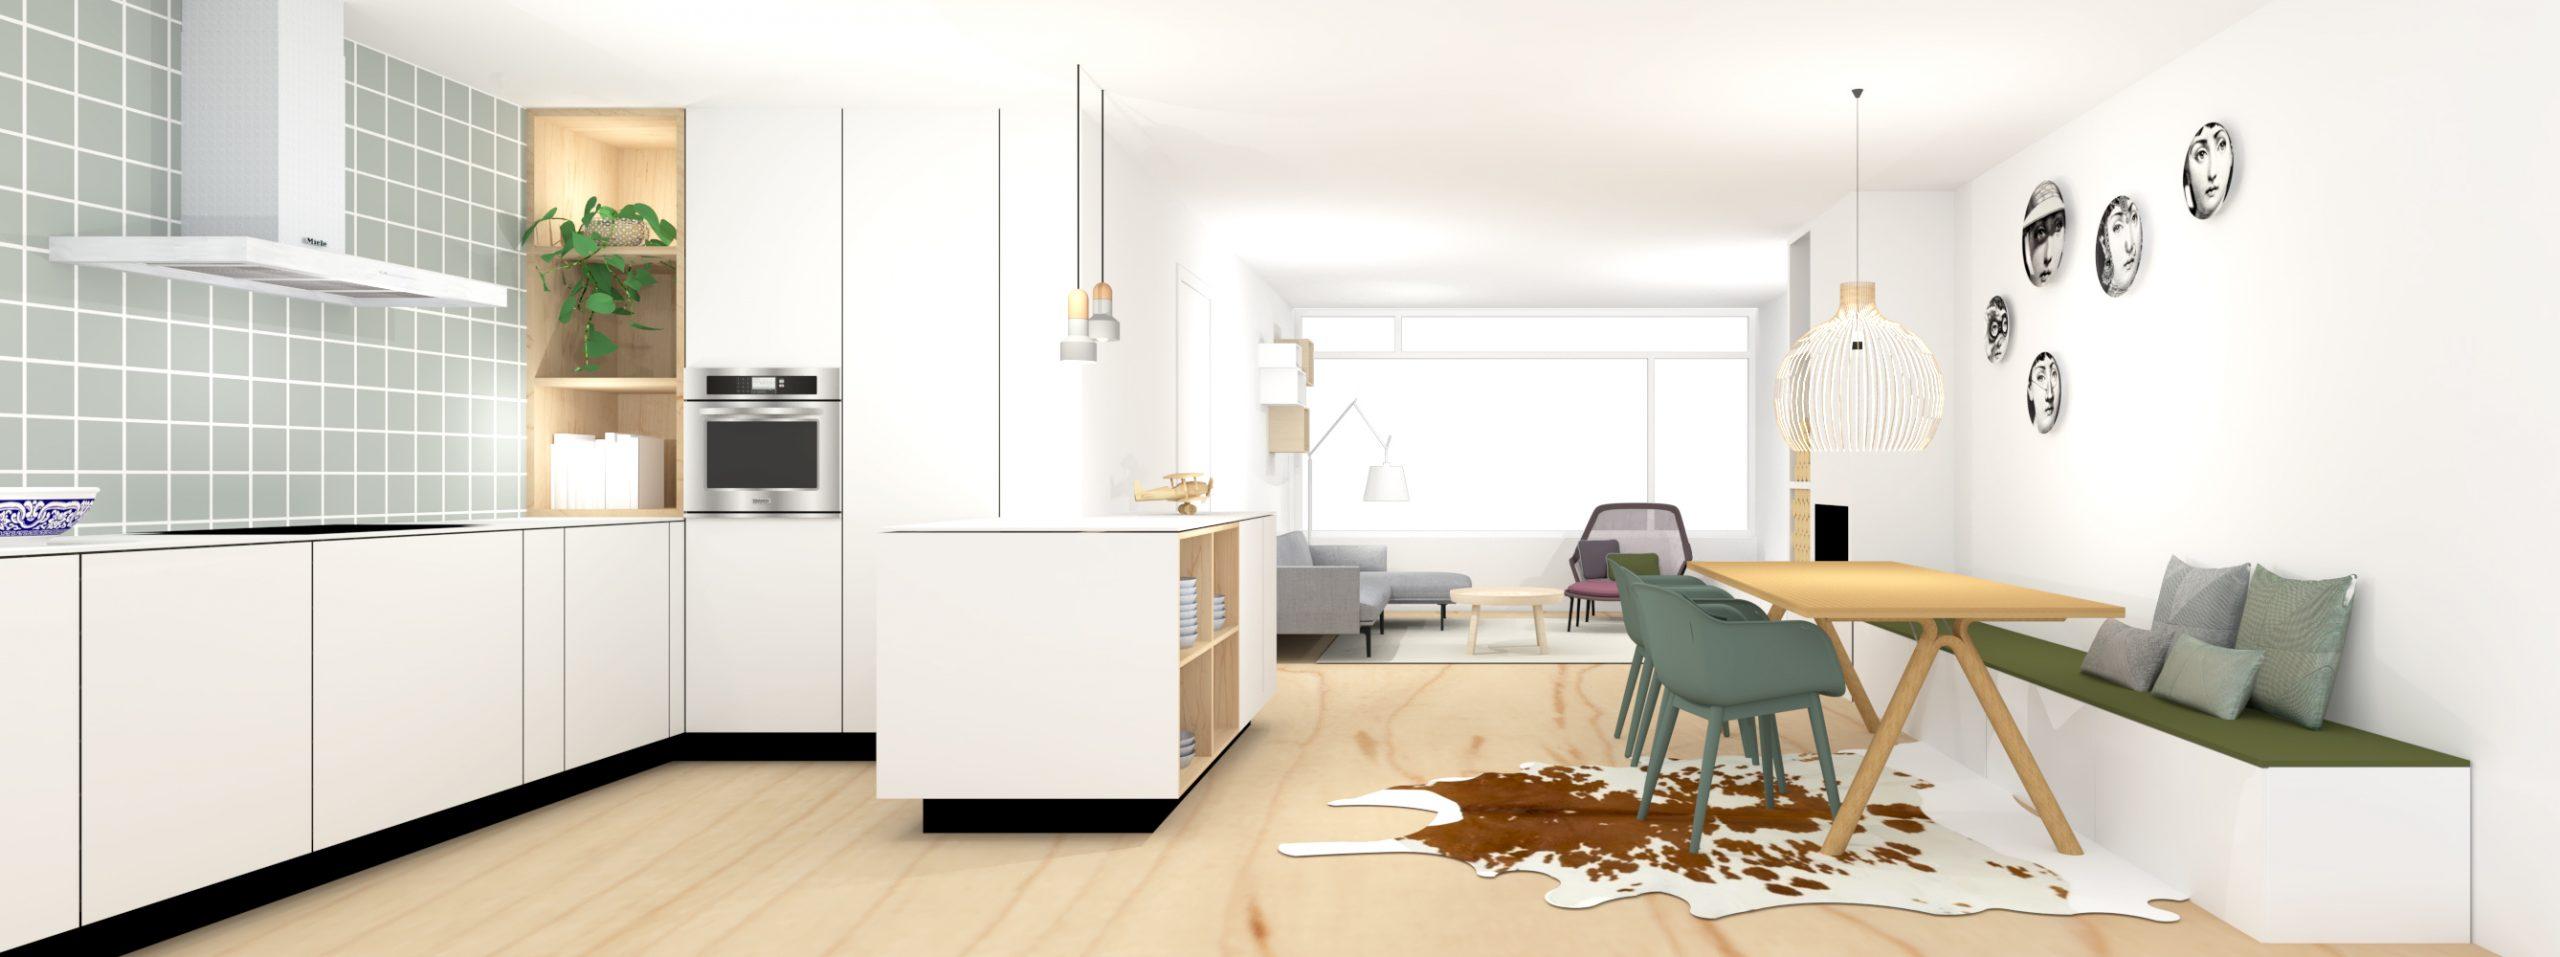 Ontwerp woonkamer met lichte open keuken, groene tegeltjes en lange bank bij eettafel